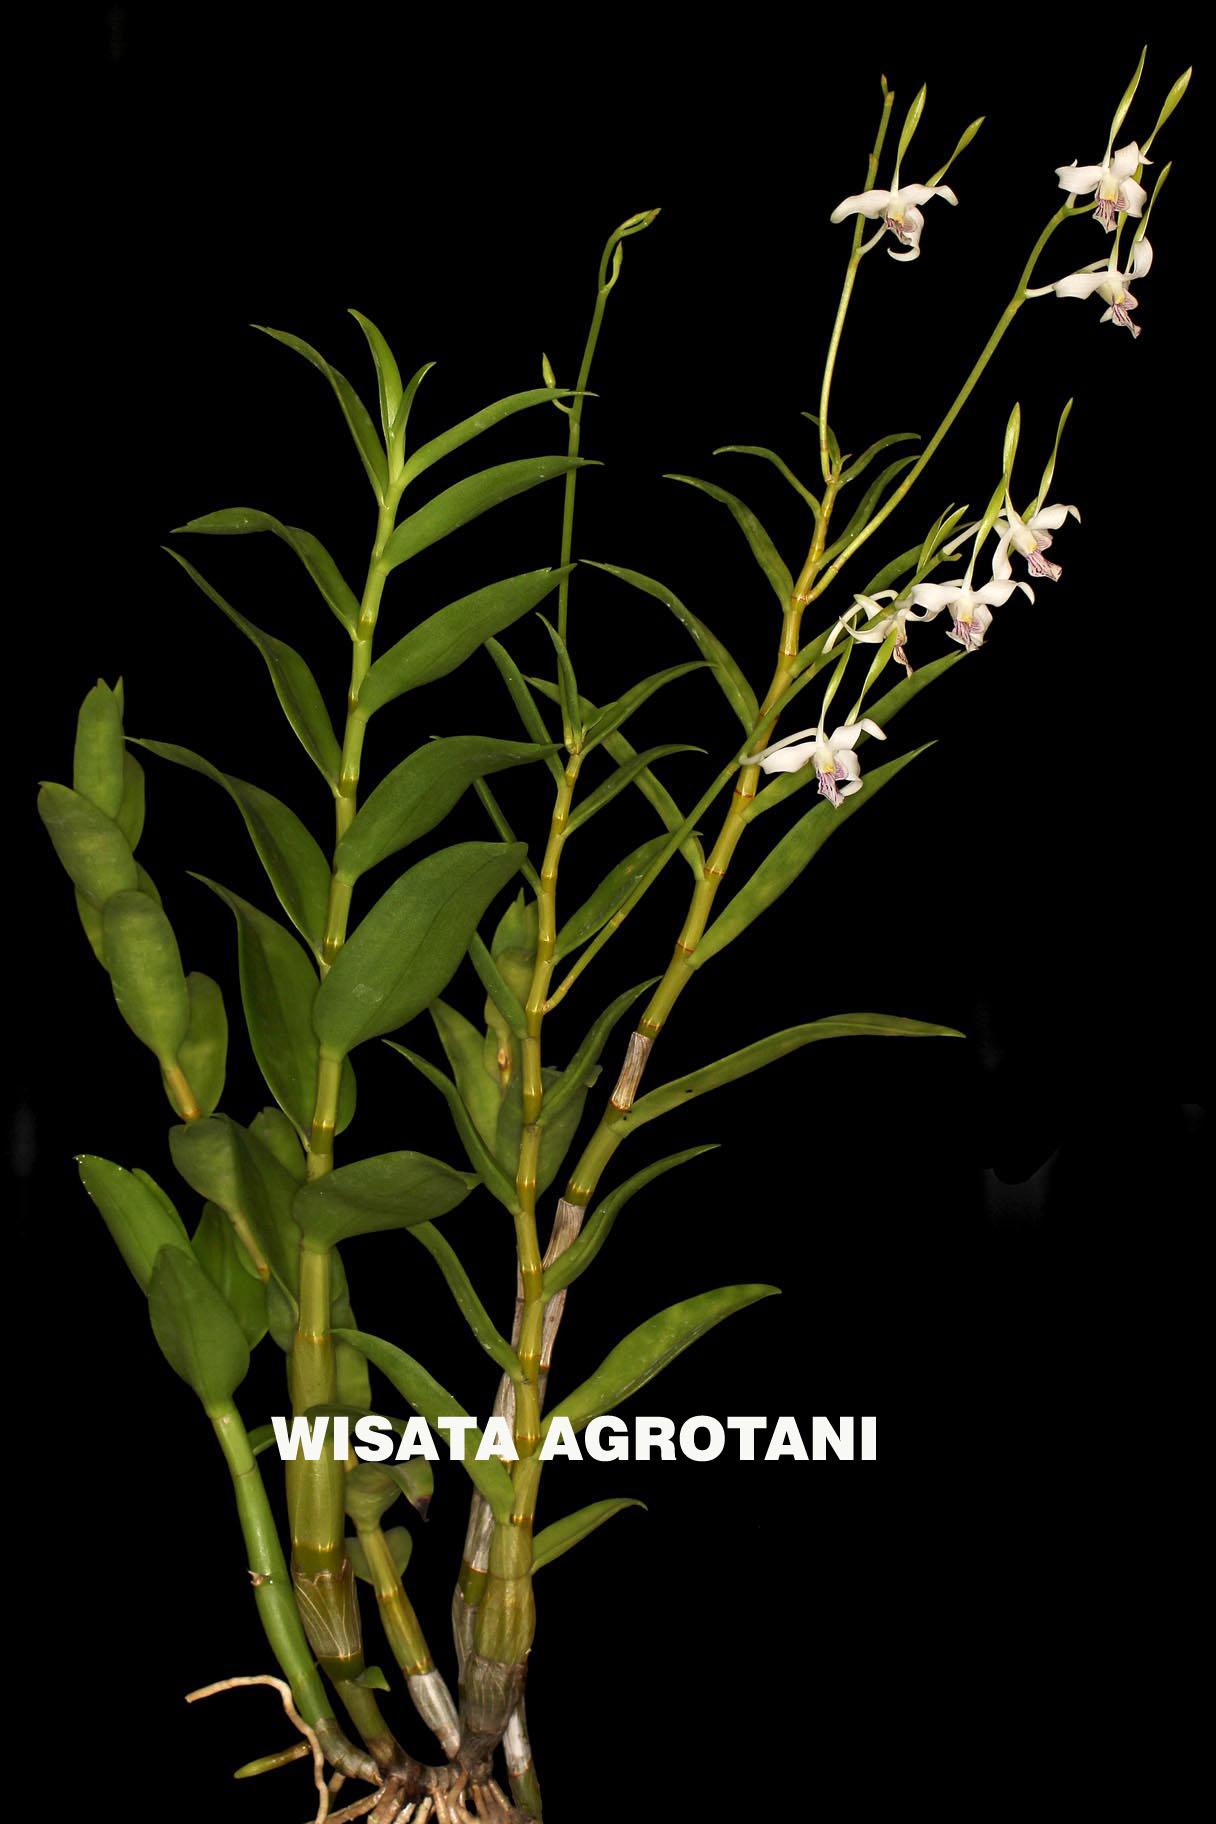 bibit anggerk dendromium sedling dewasa agrotani bibit unggul krisna